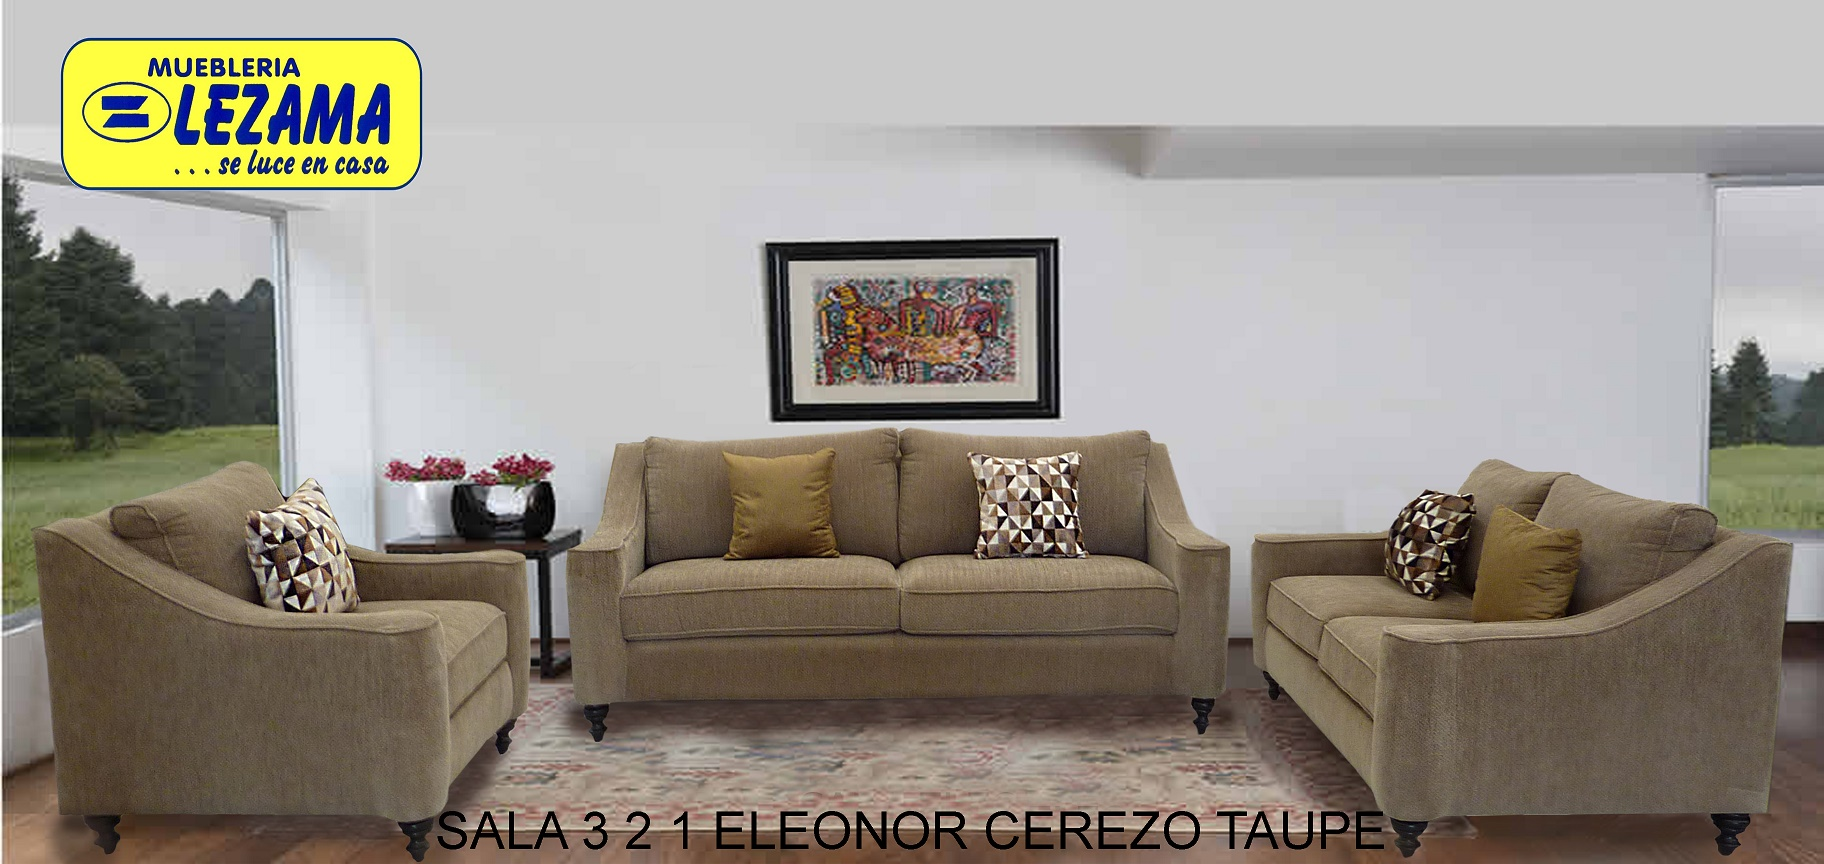 SALA_3_2_1_ELEONOR_CEREZO_TAUPE_PERFECTO.jpg